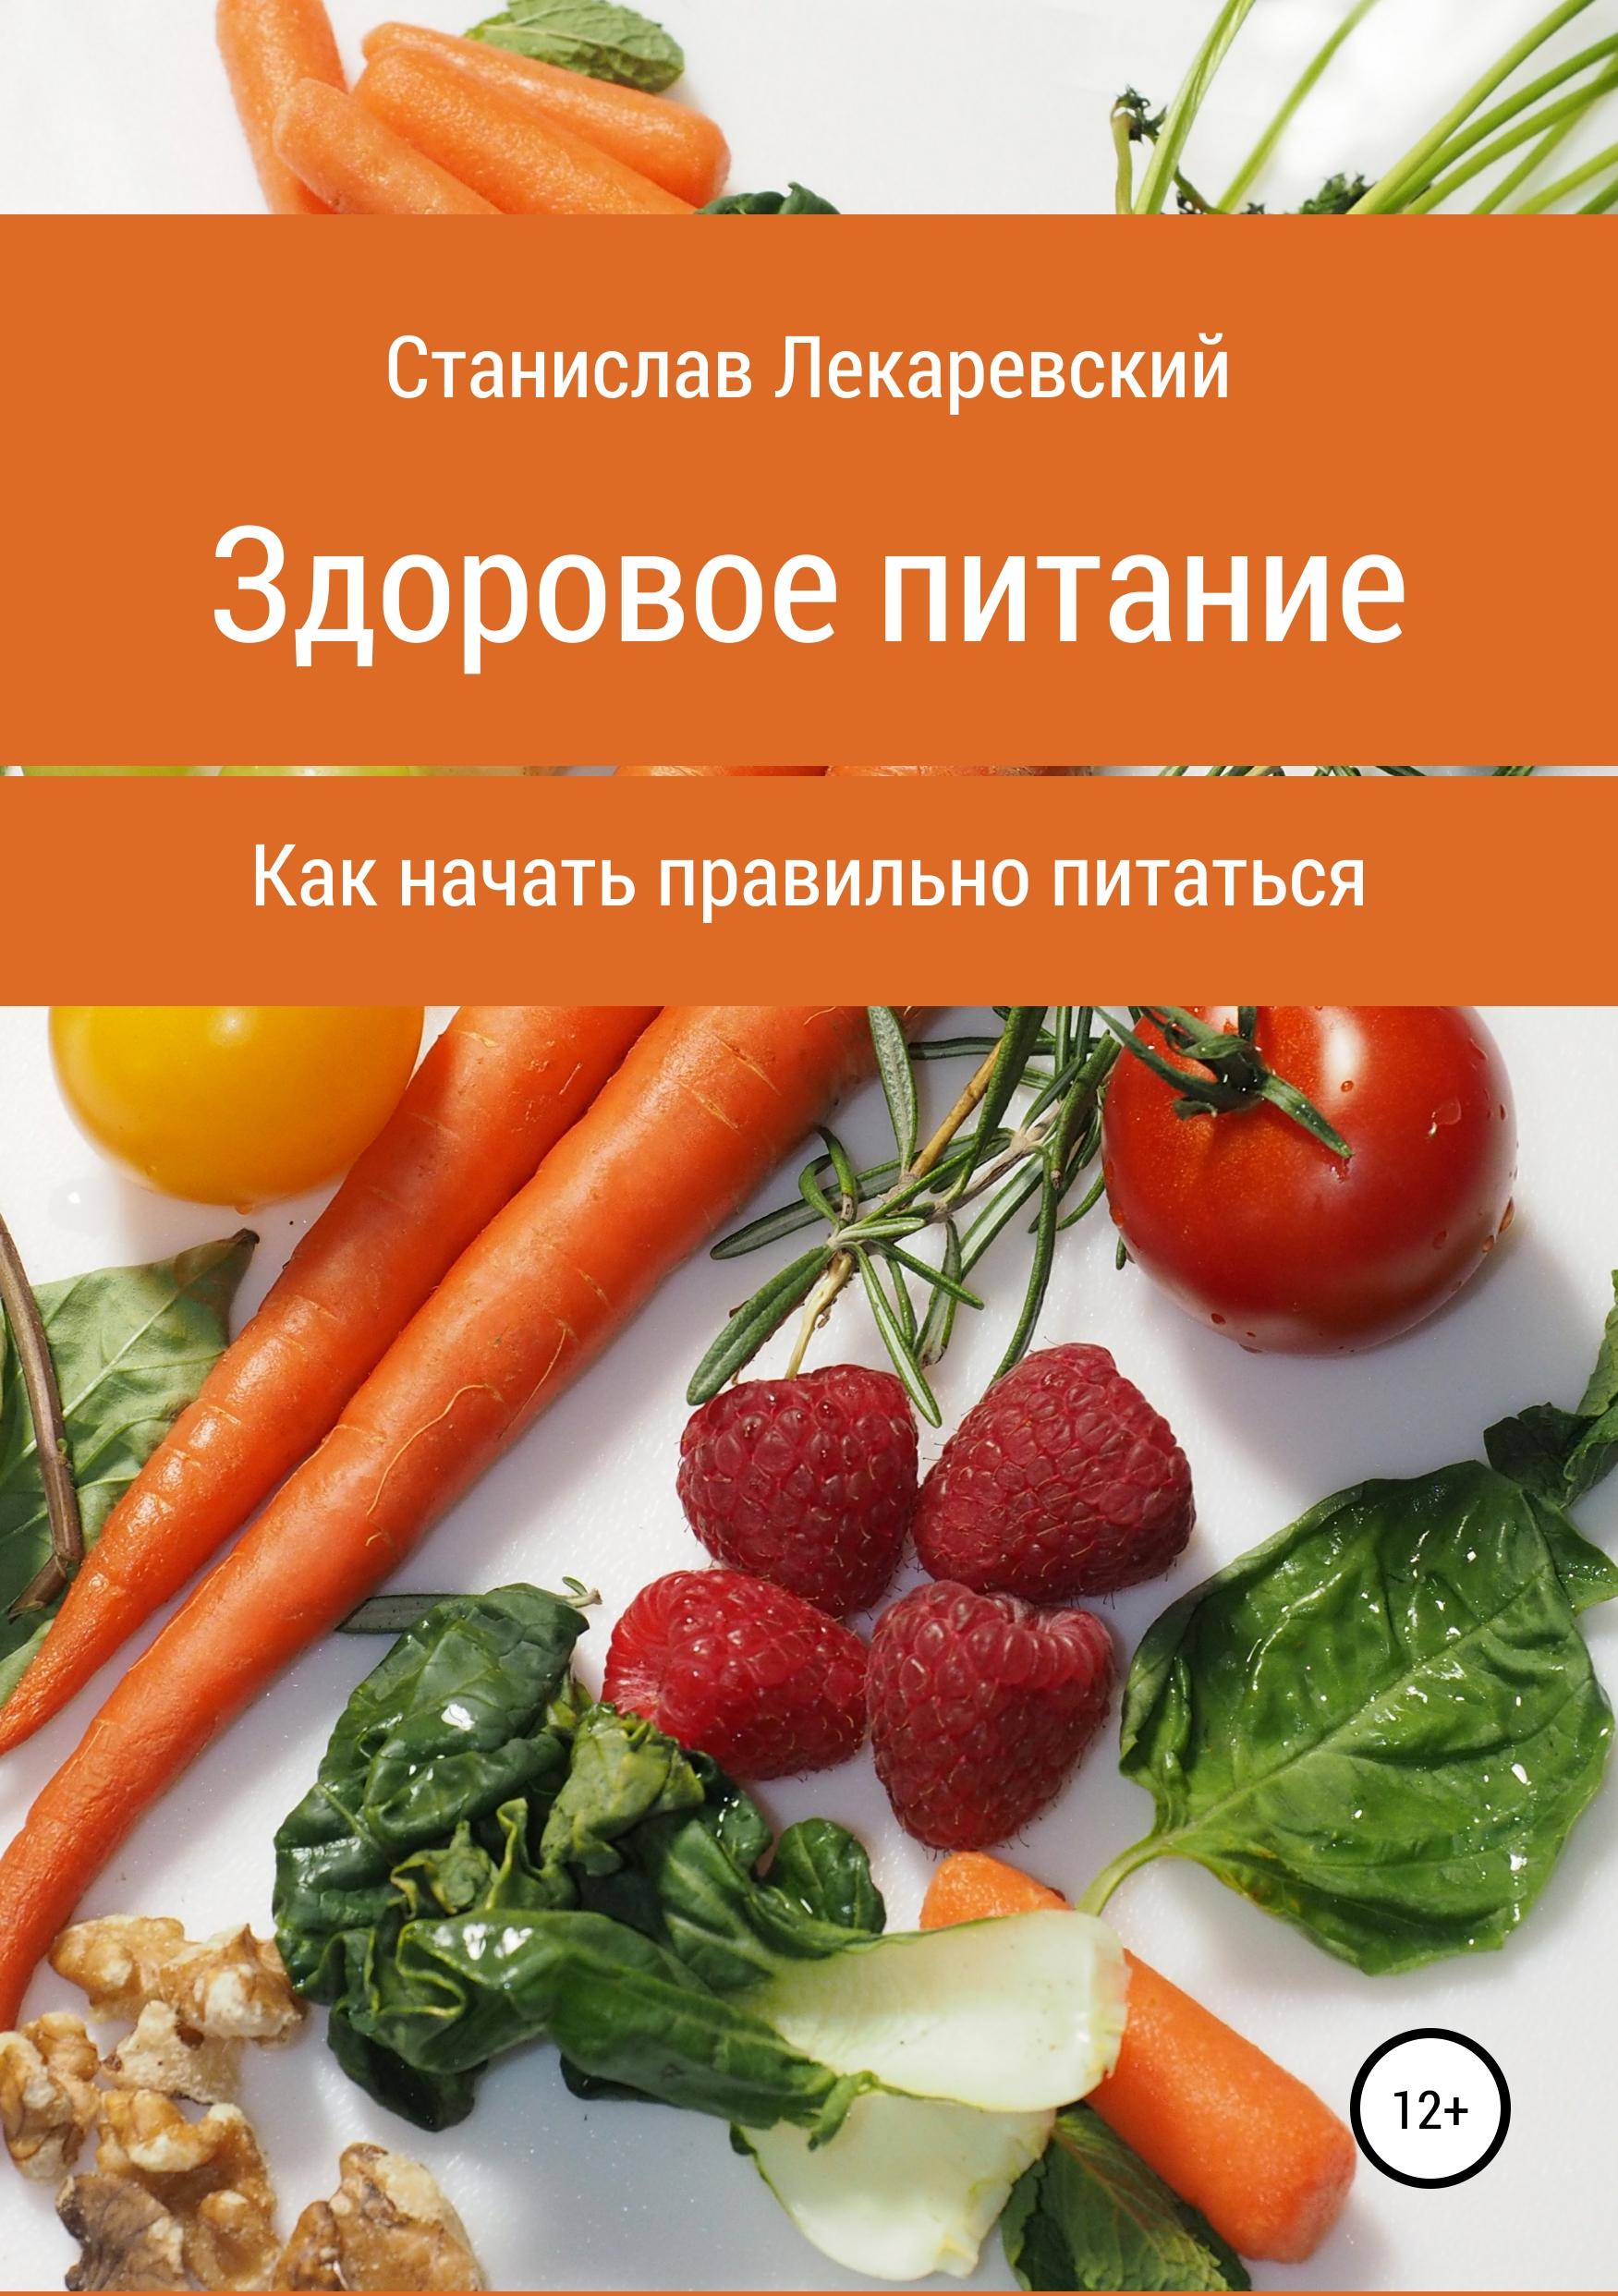 Станислав Александрович Лекаревский Здоровое питание. Как начать правильно питаться